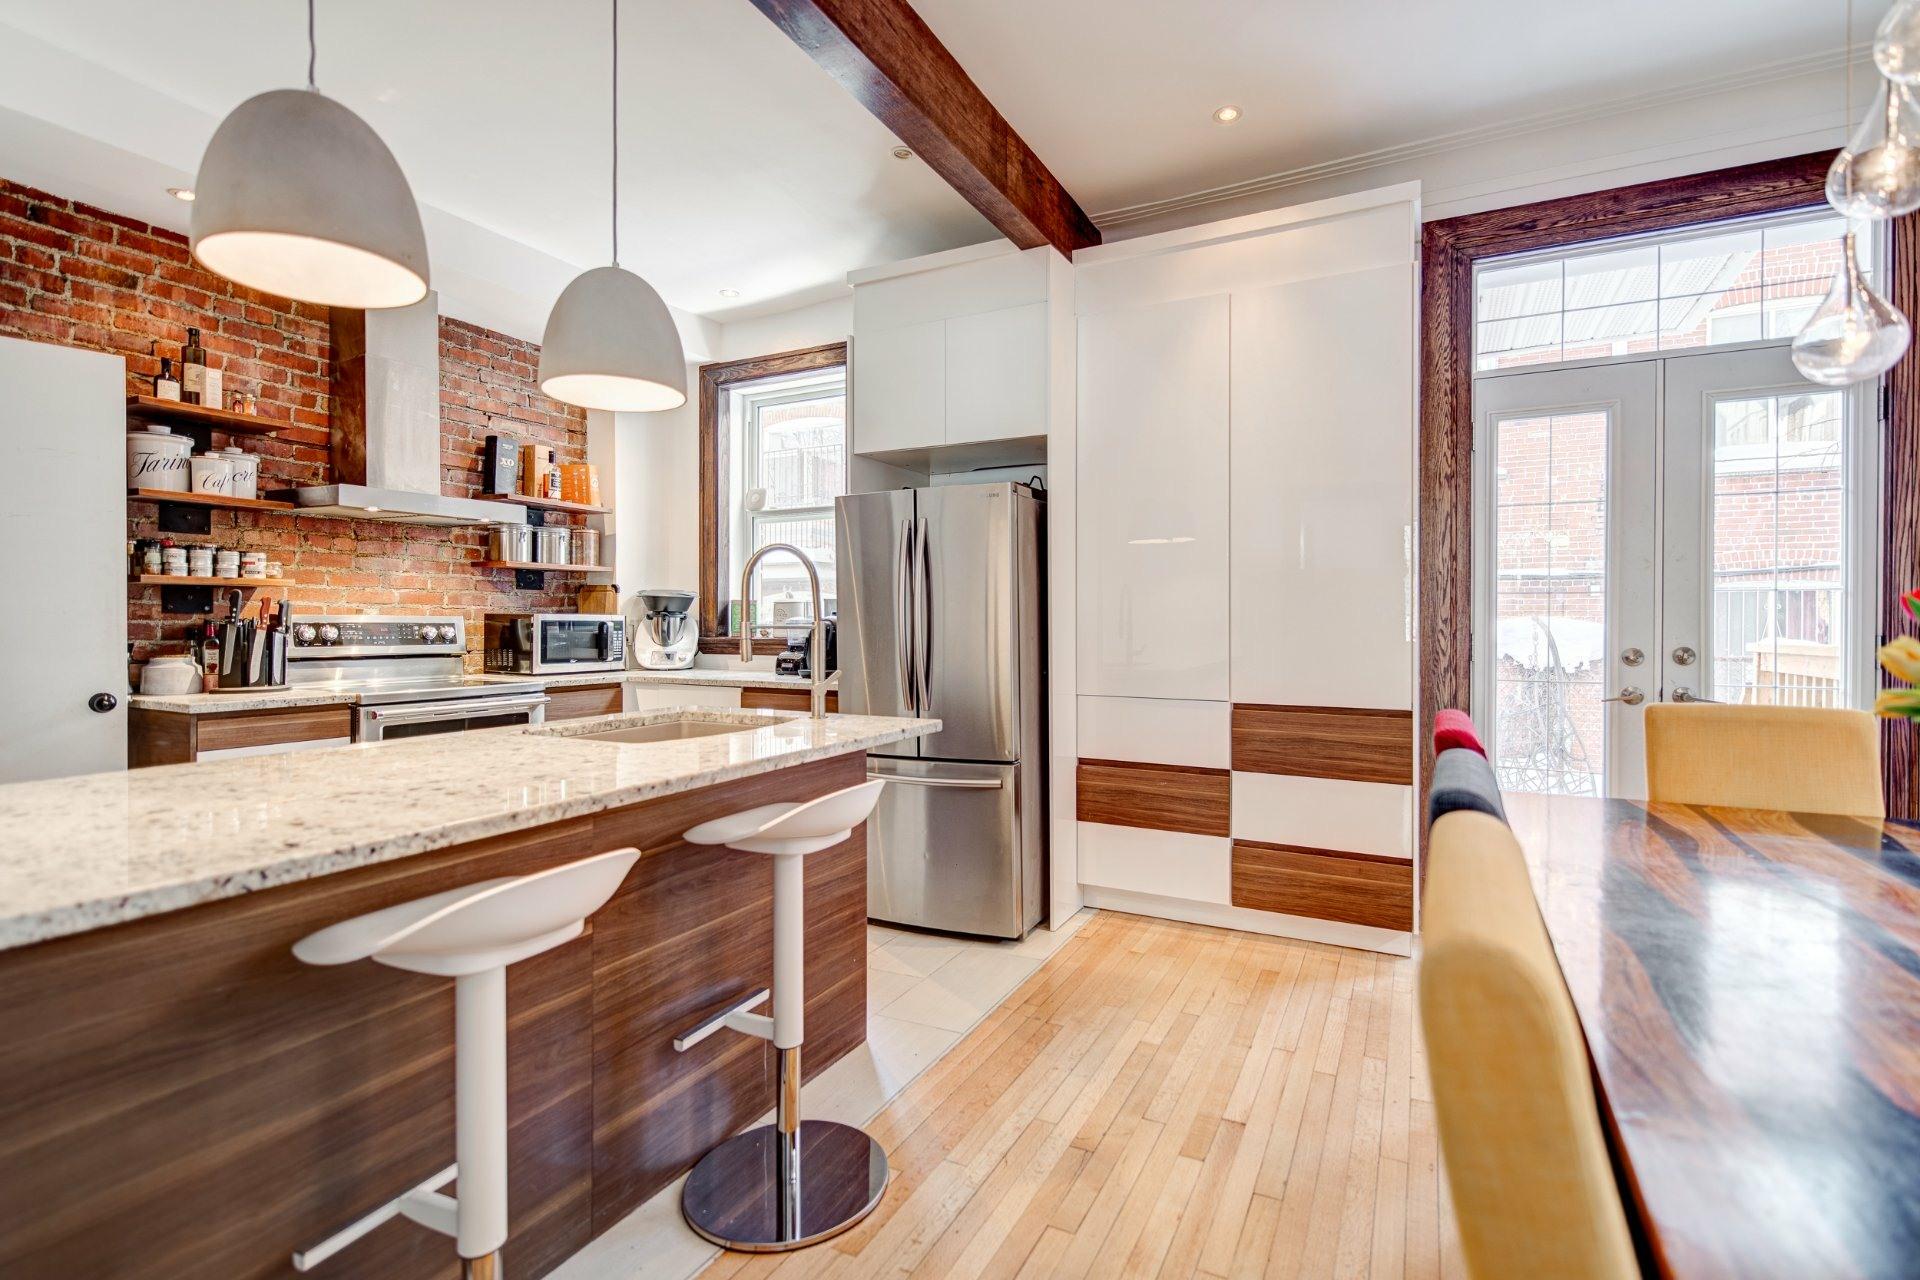 image 17 - House For sale Côte-des-Neiges/Notre-Dame-de-Grâce Montréal  - 10 rooms